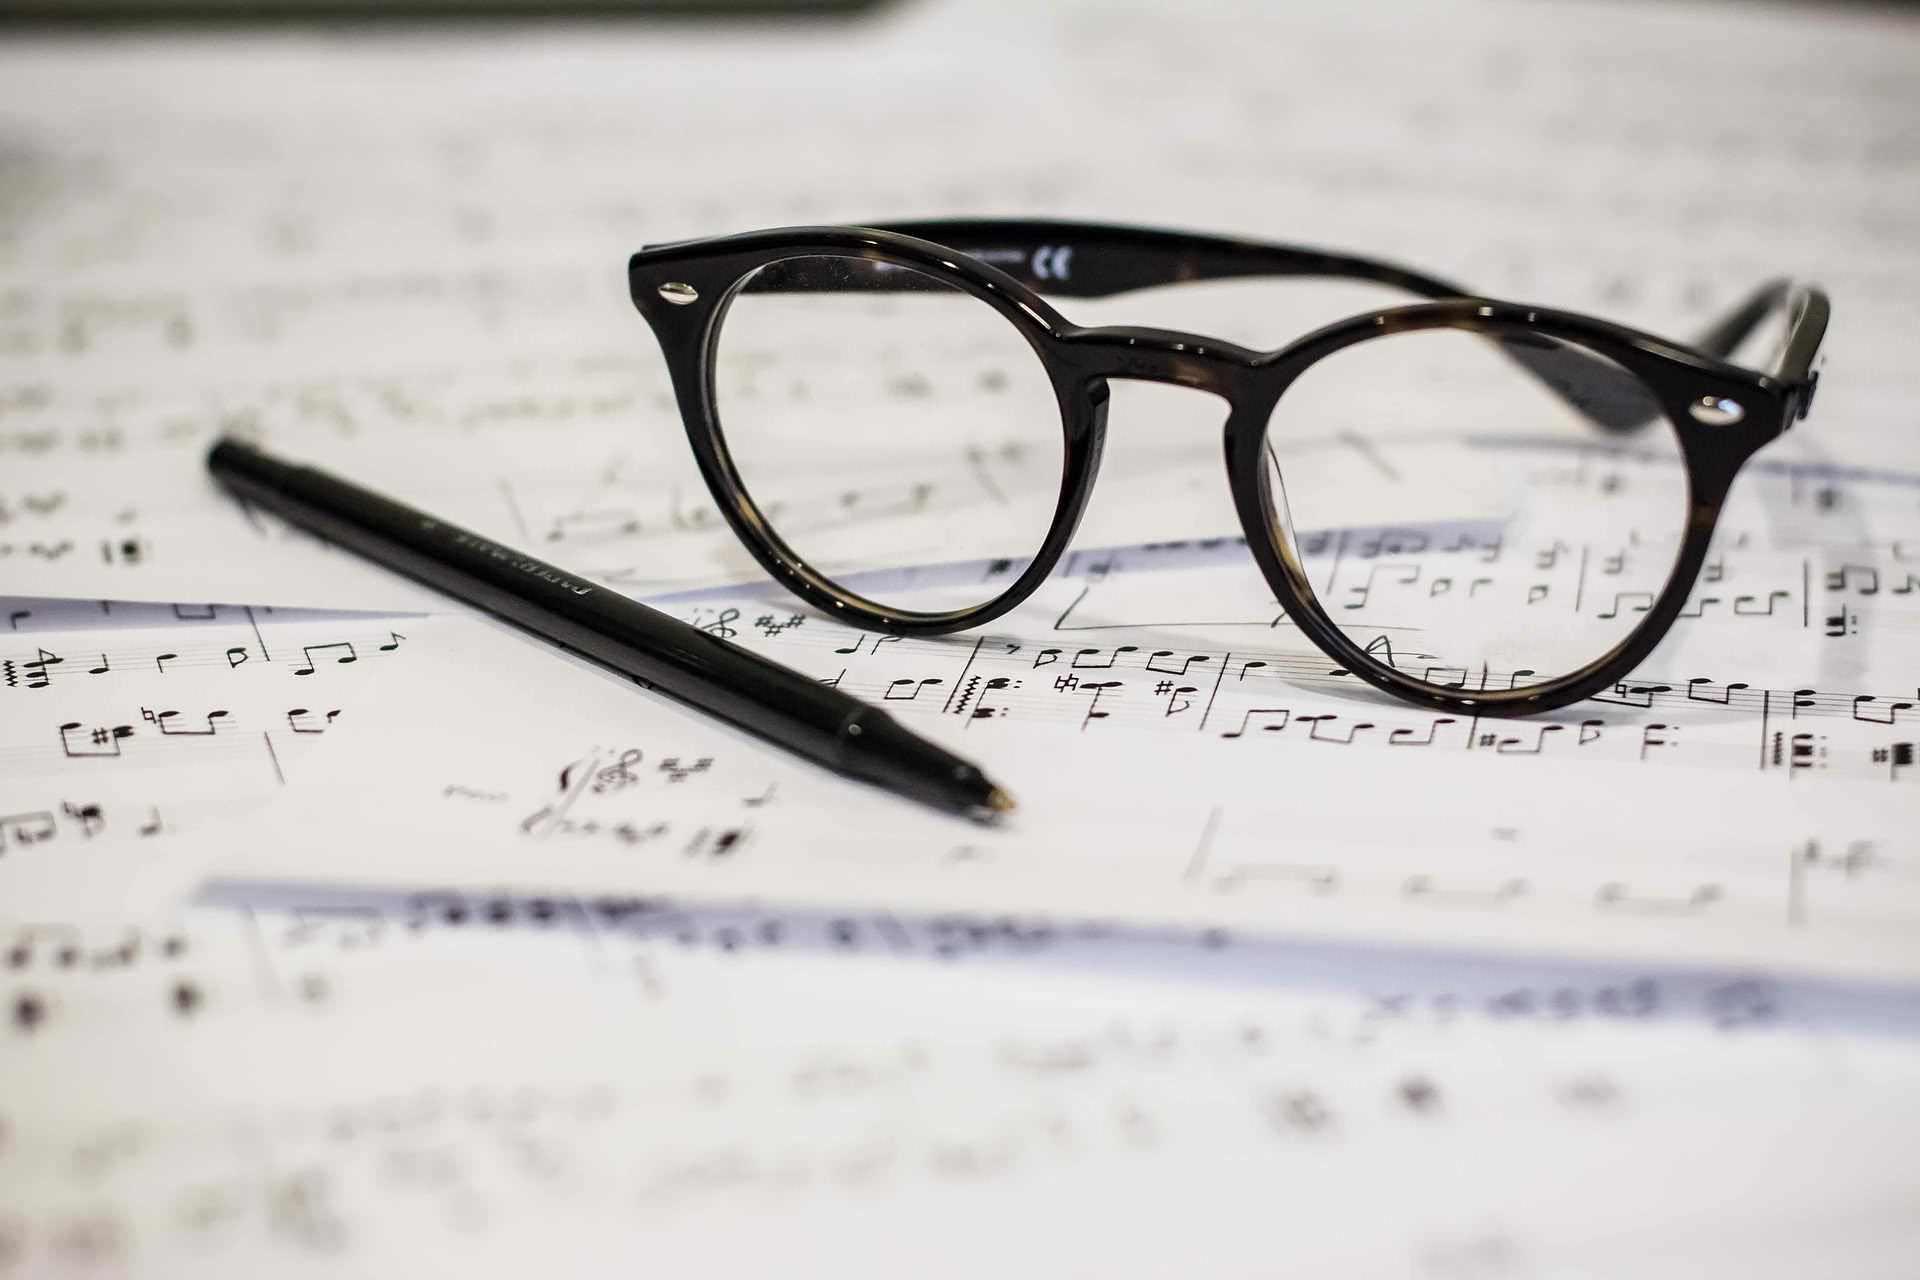 Für ein besseres Sehen beim Arbeiten: Die Arbeitsplatzbrille